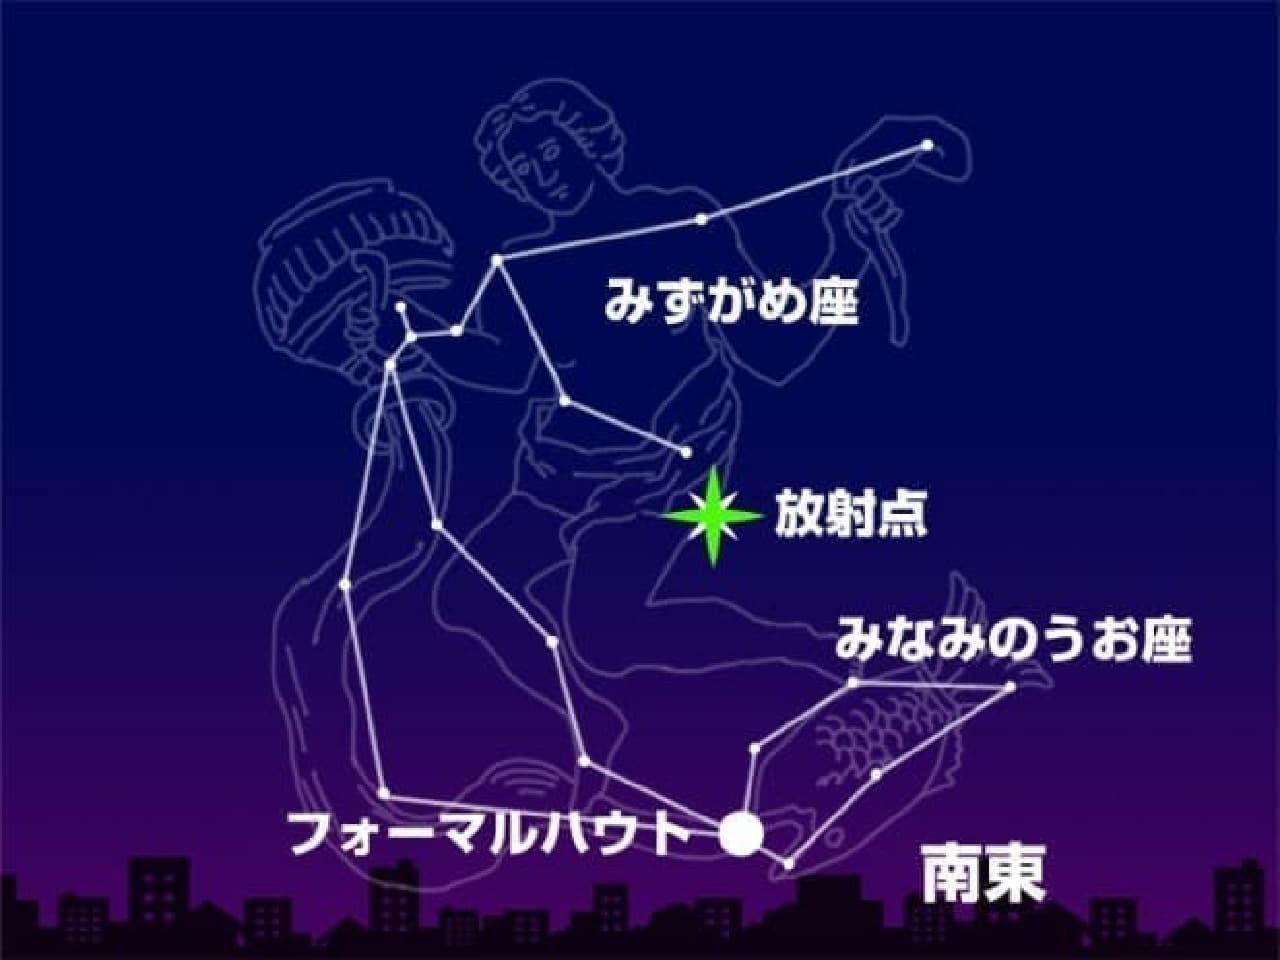 7月30日は「みずがめ座δ(デルタ)南流星群」